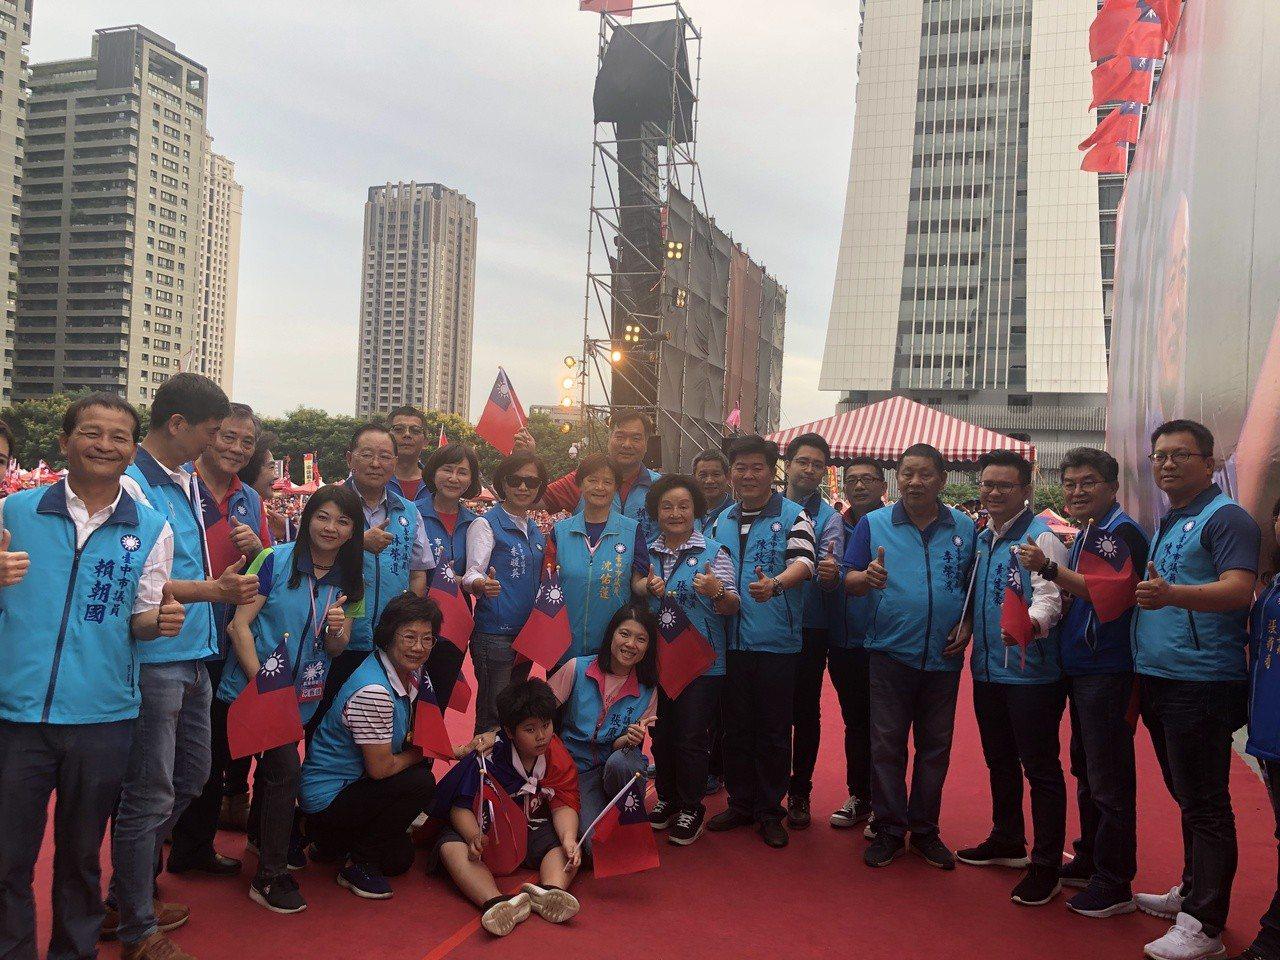 台中市議會國民黨團參加韓國瑜造勢活動。 圖/聯合報系資料照片